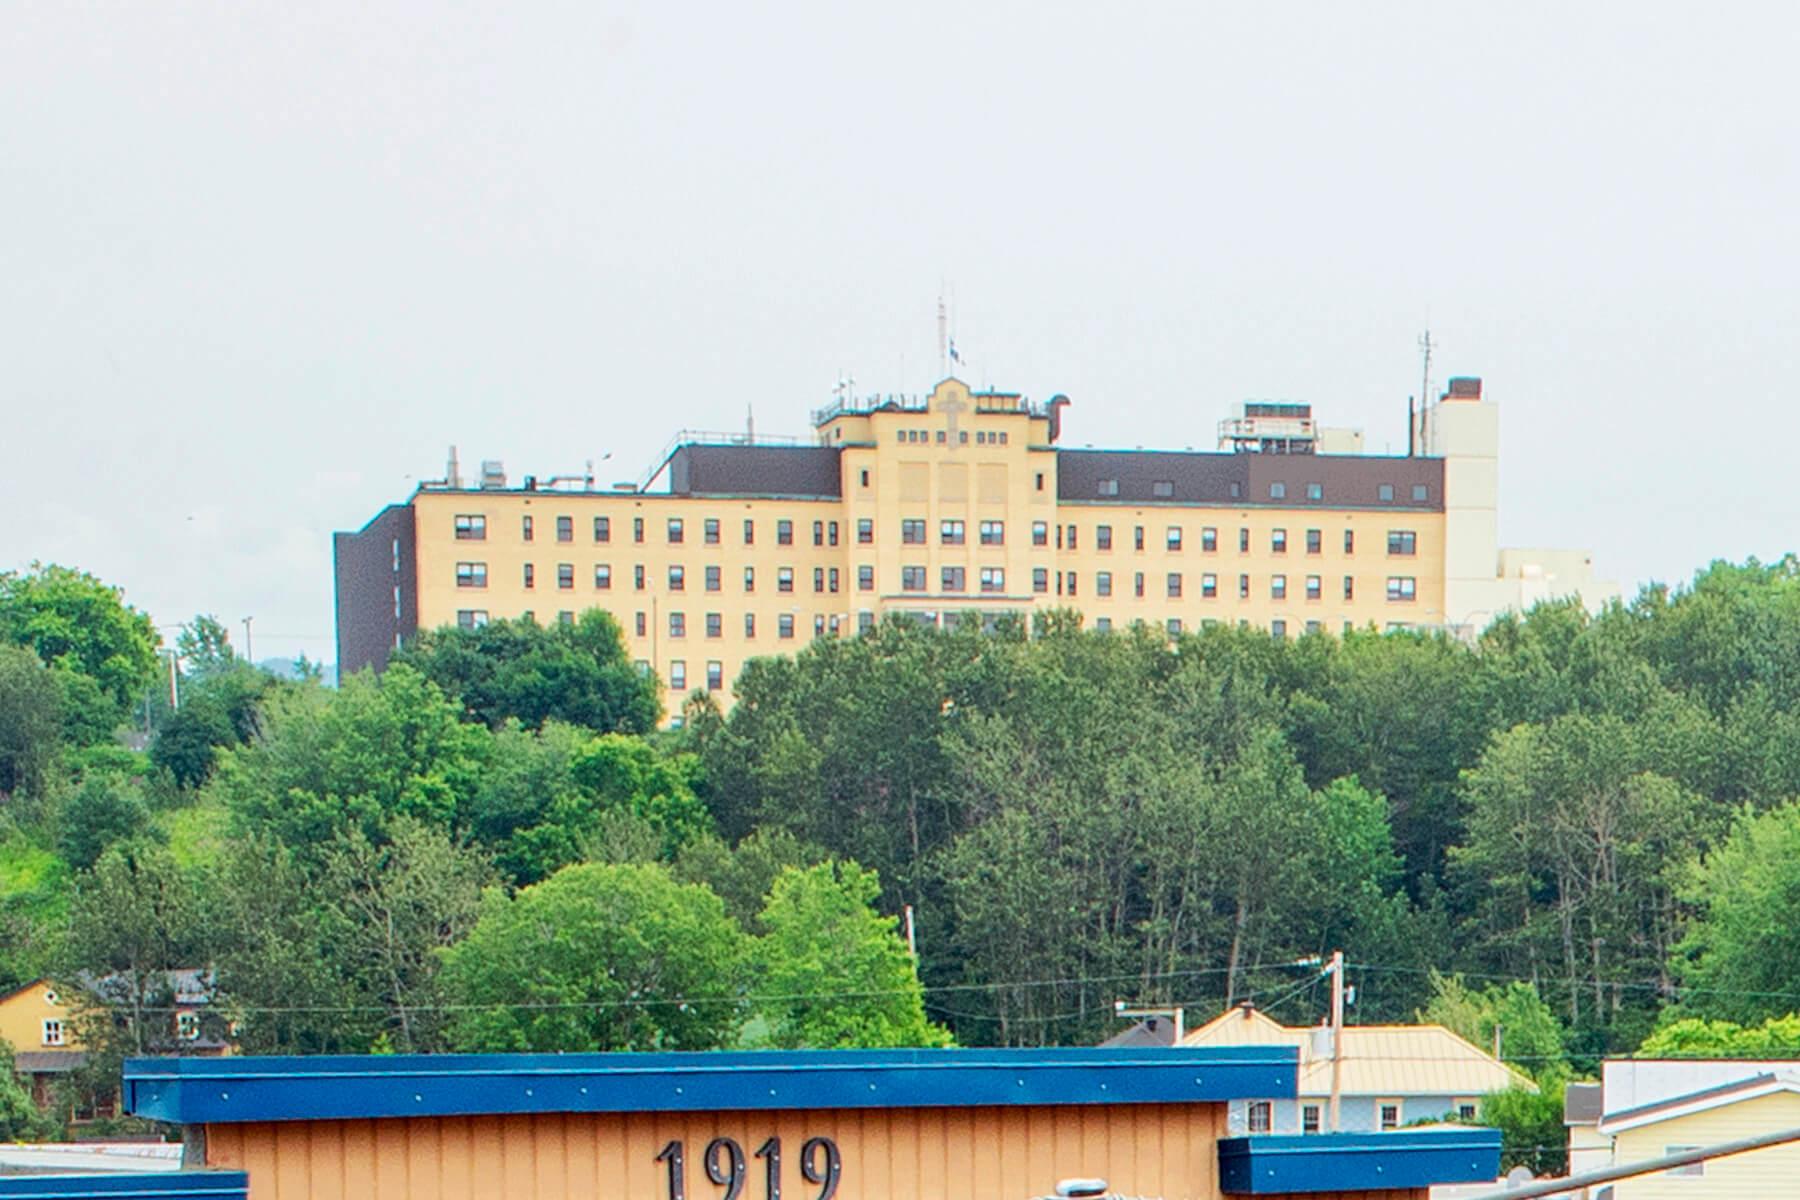 Le comité de vigilance en santé de la Matanie dessert les bons et les mauvais points dans la région